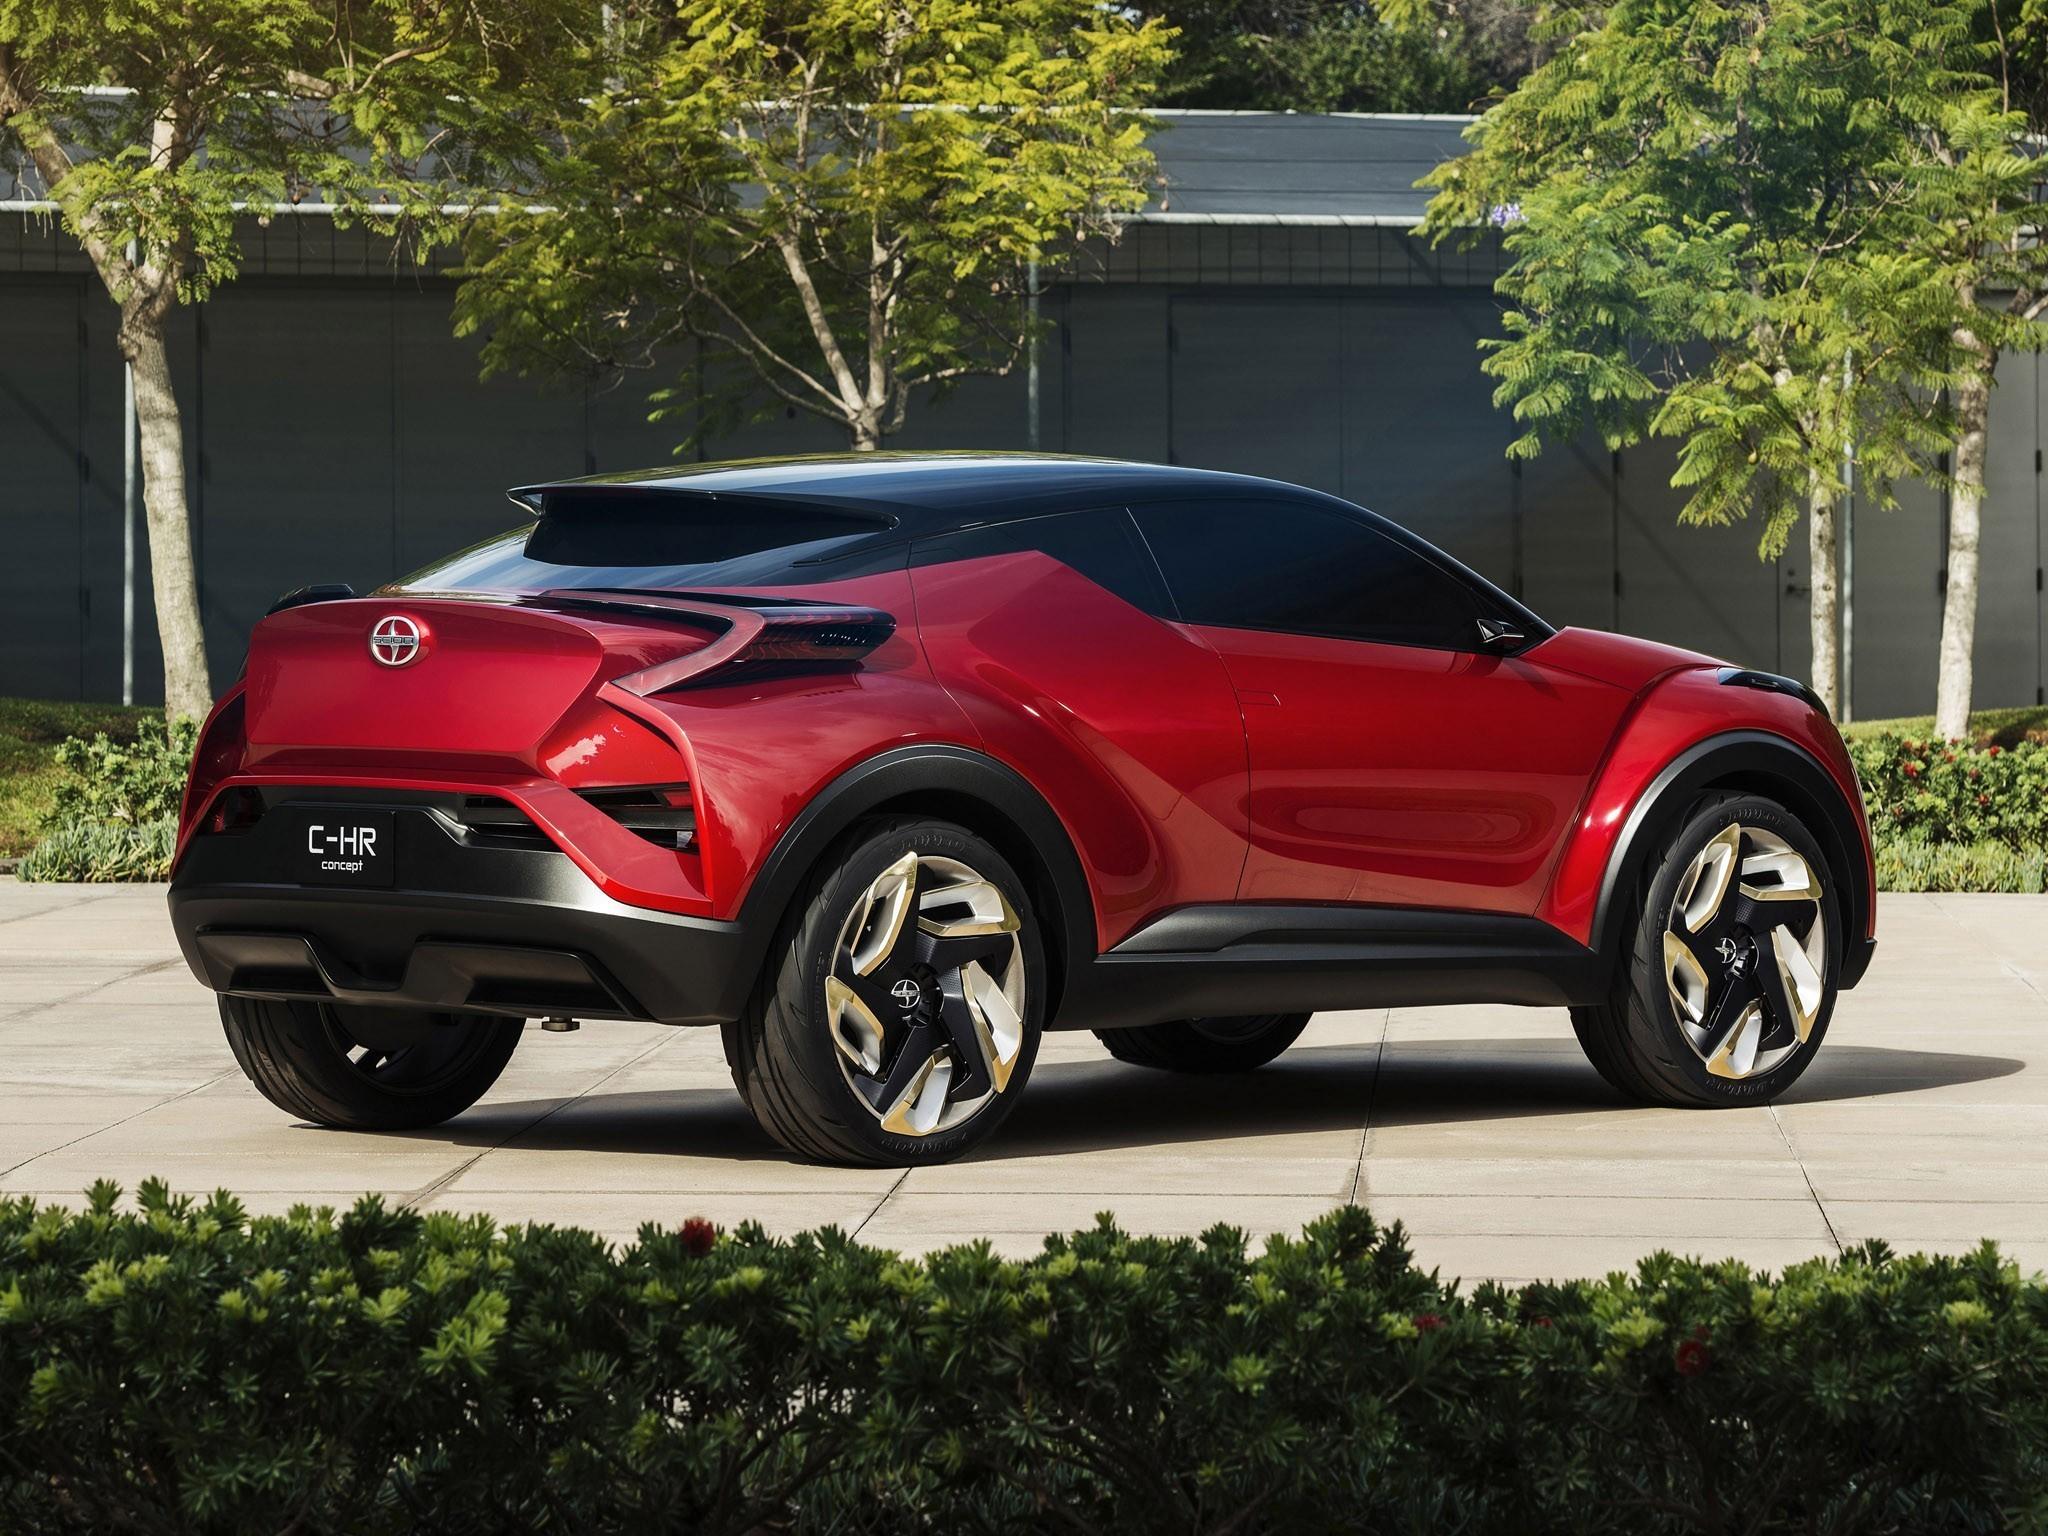 2015 Scion C-HR Concept